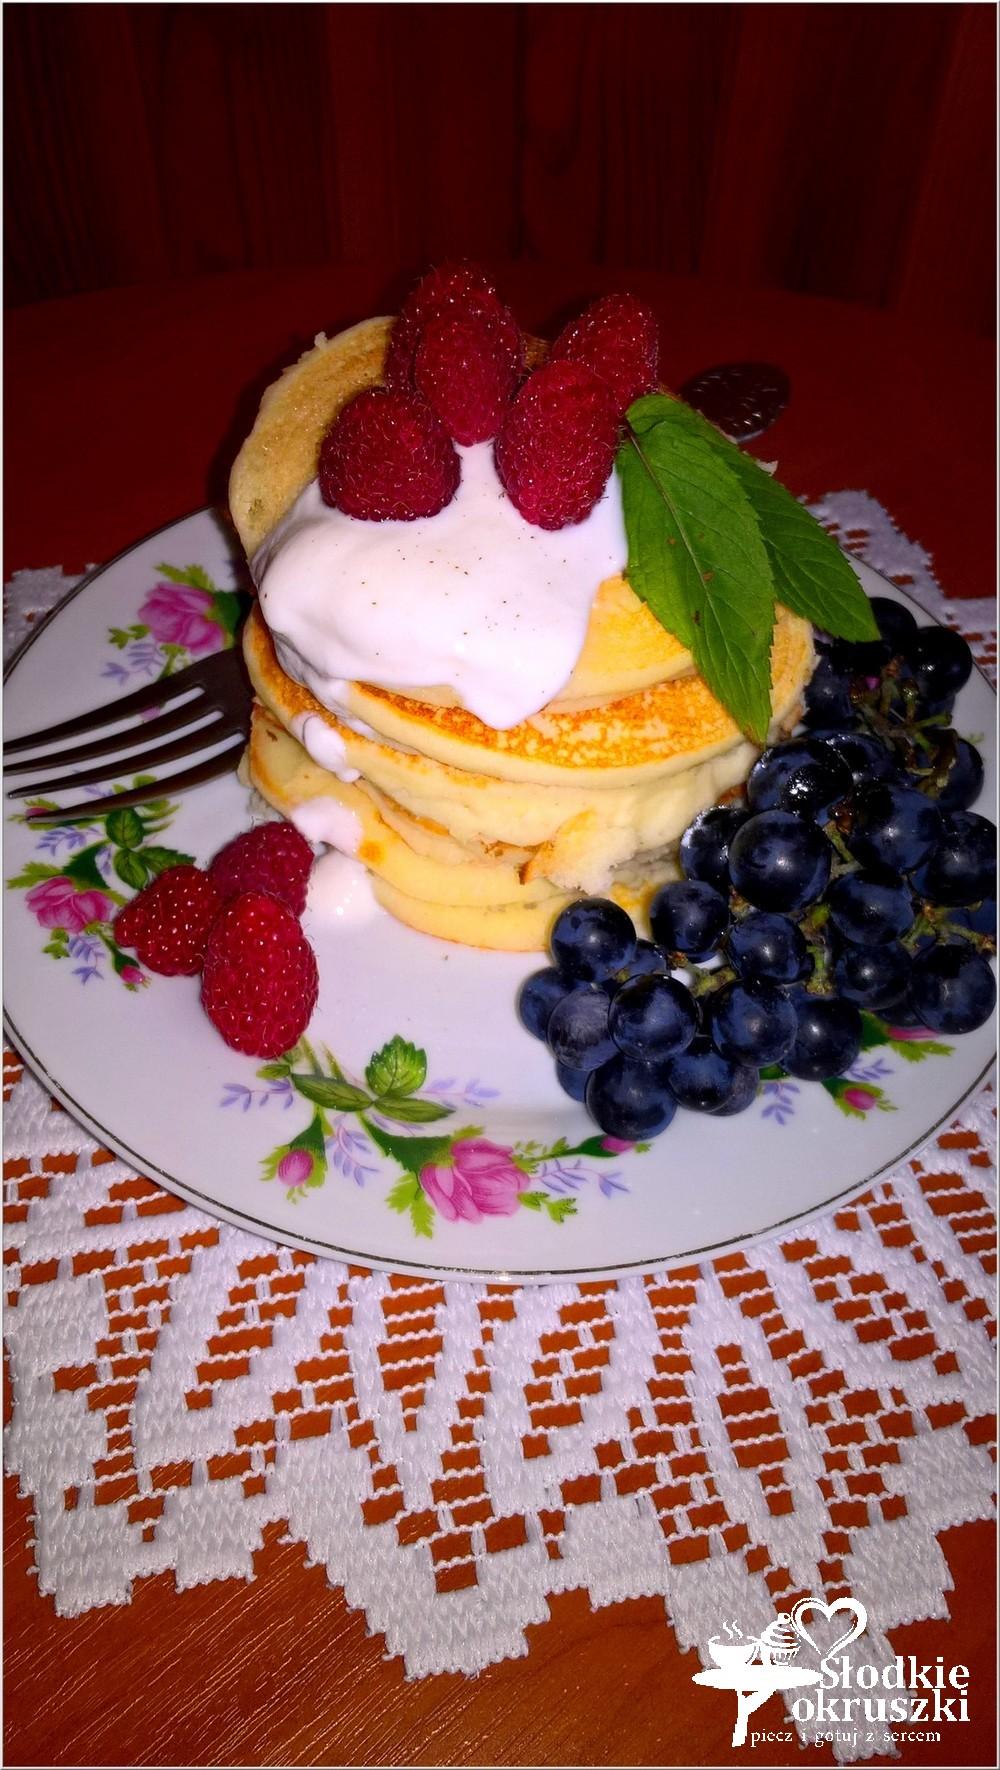 placuszki-ryzowe-z-owocami-pyszne-i-zdrowe-sniadanie-3